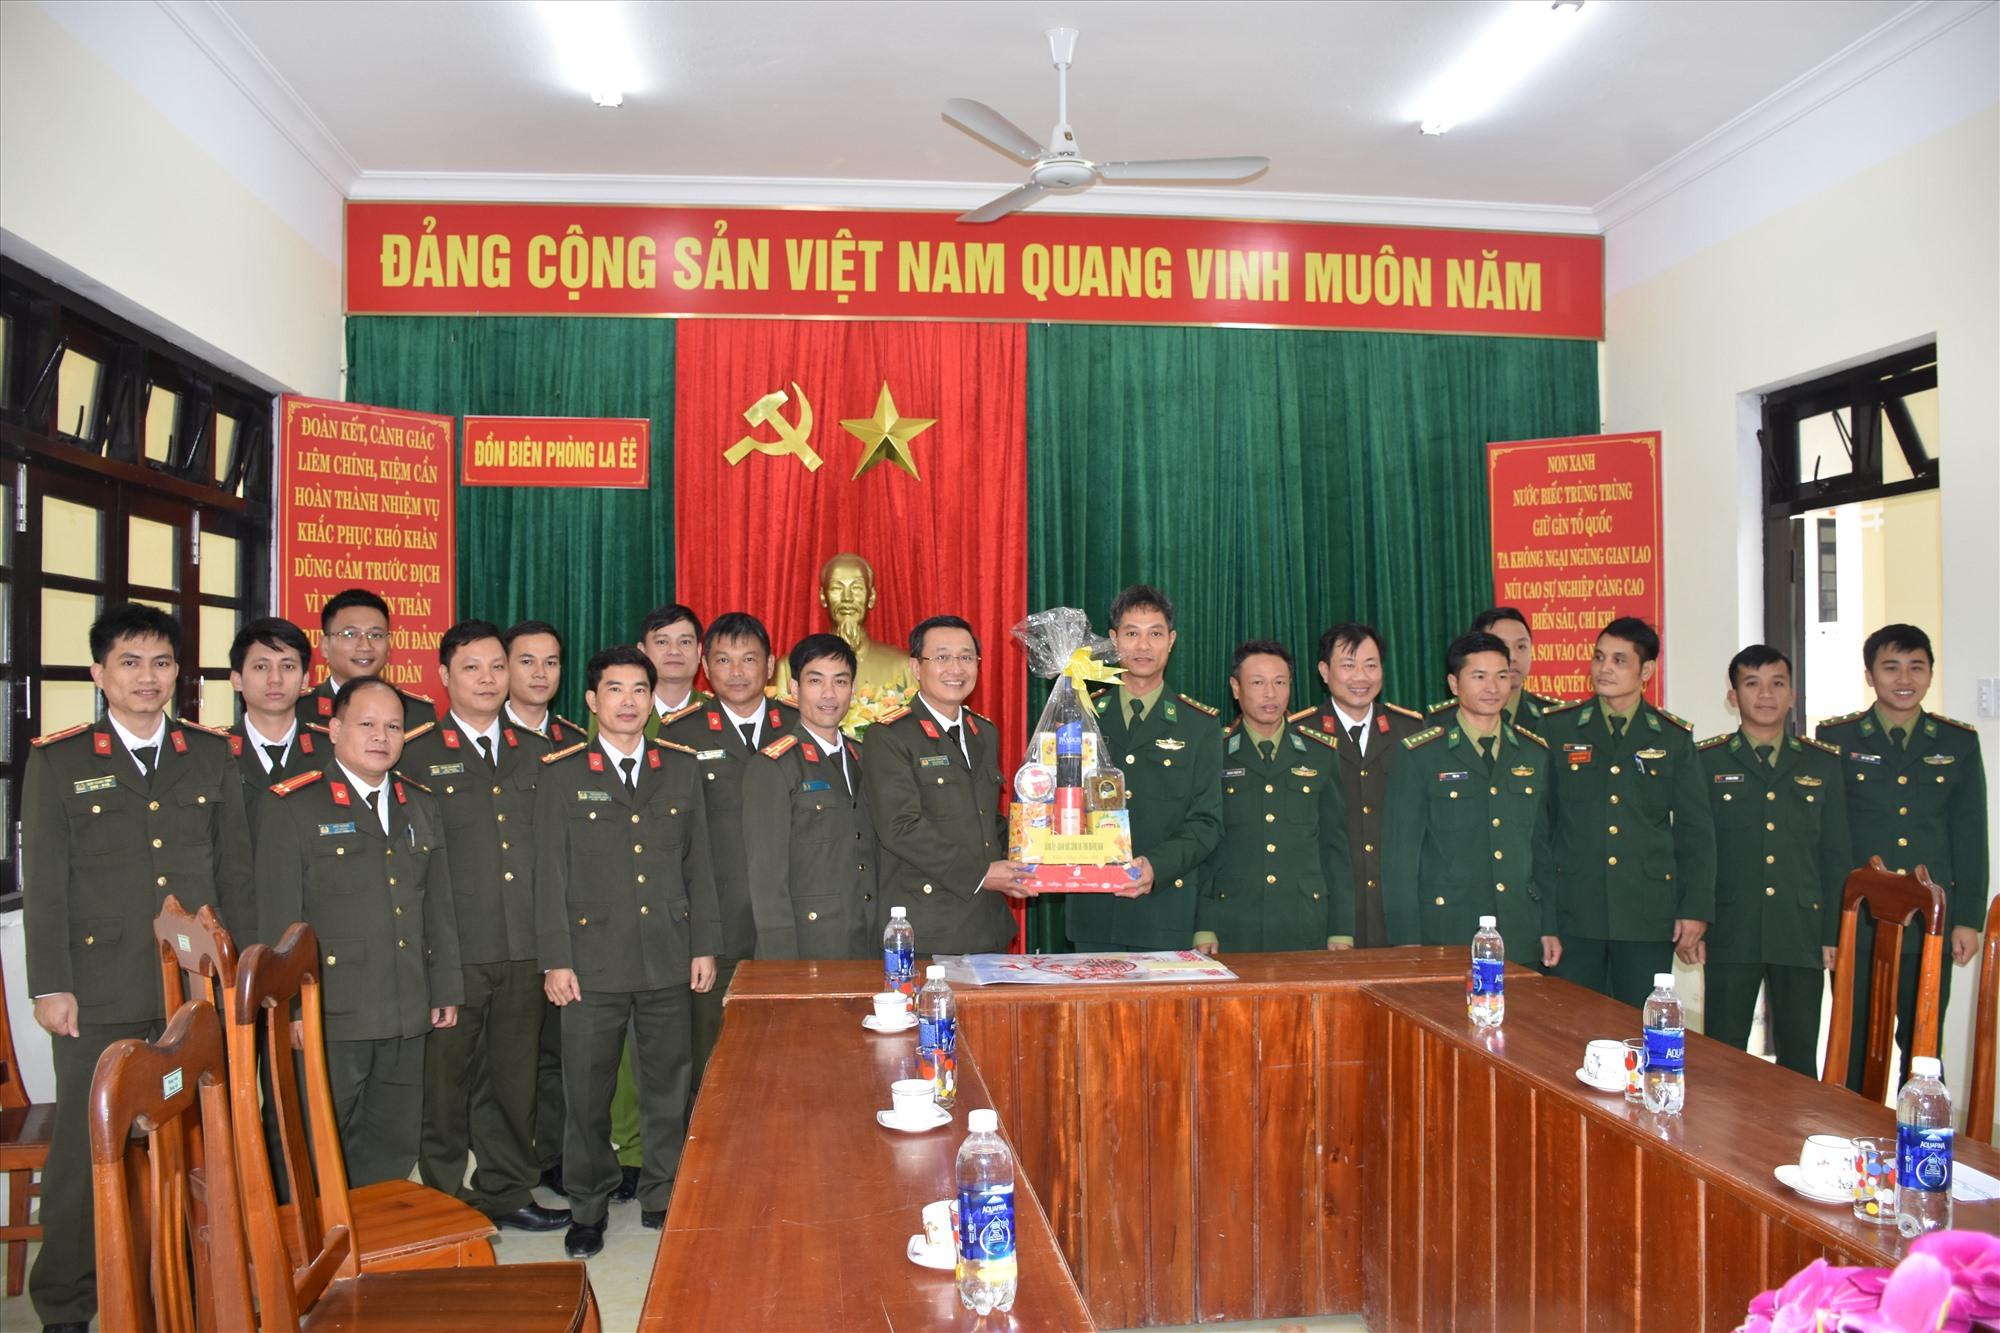 Thượng tá Nguyễn Thành Long tặng quà cho đồn biên phòng La Êê (Nam Giang). Ảnh: M.T